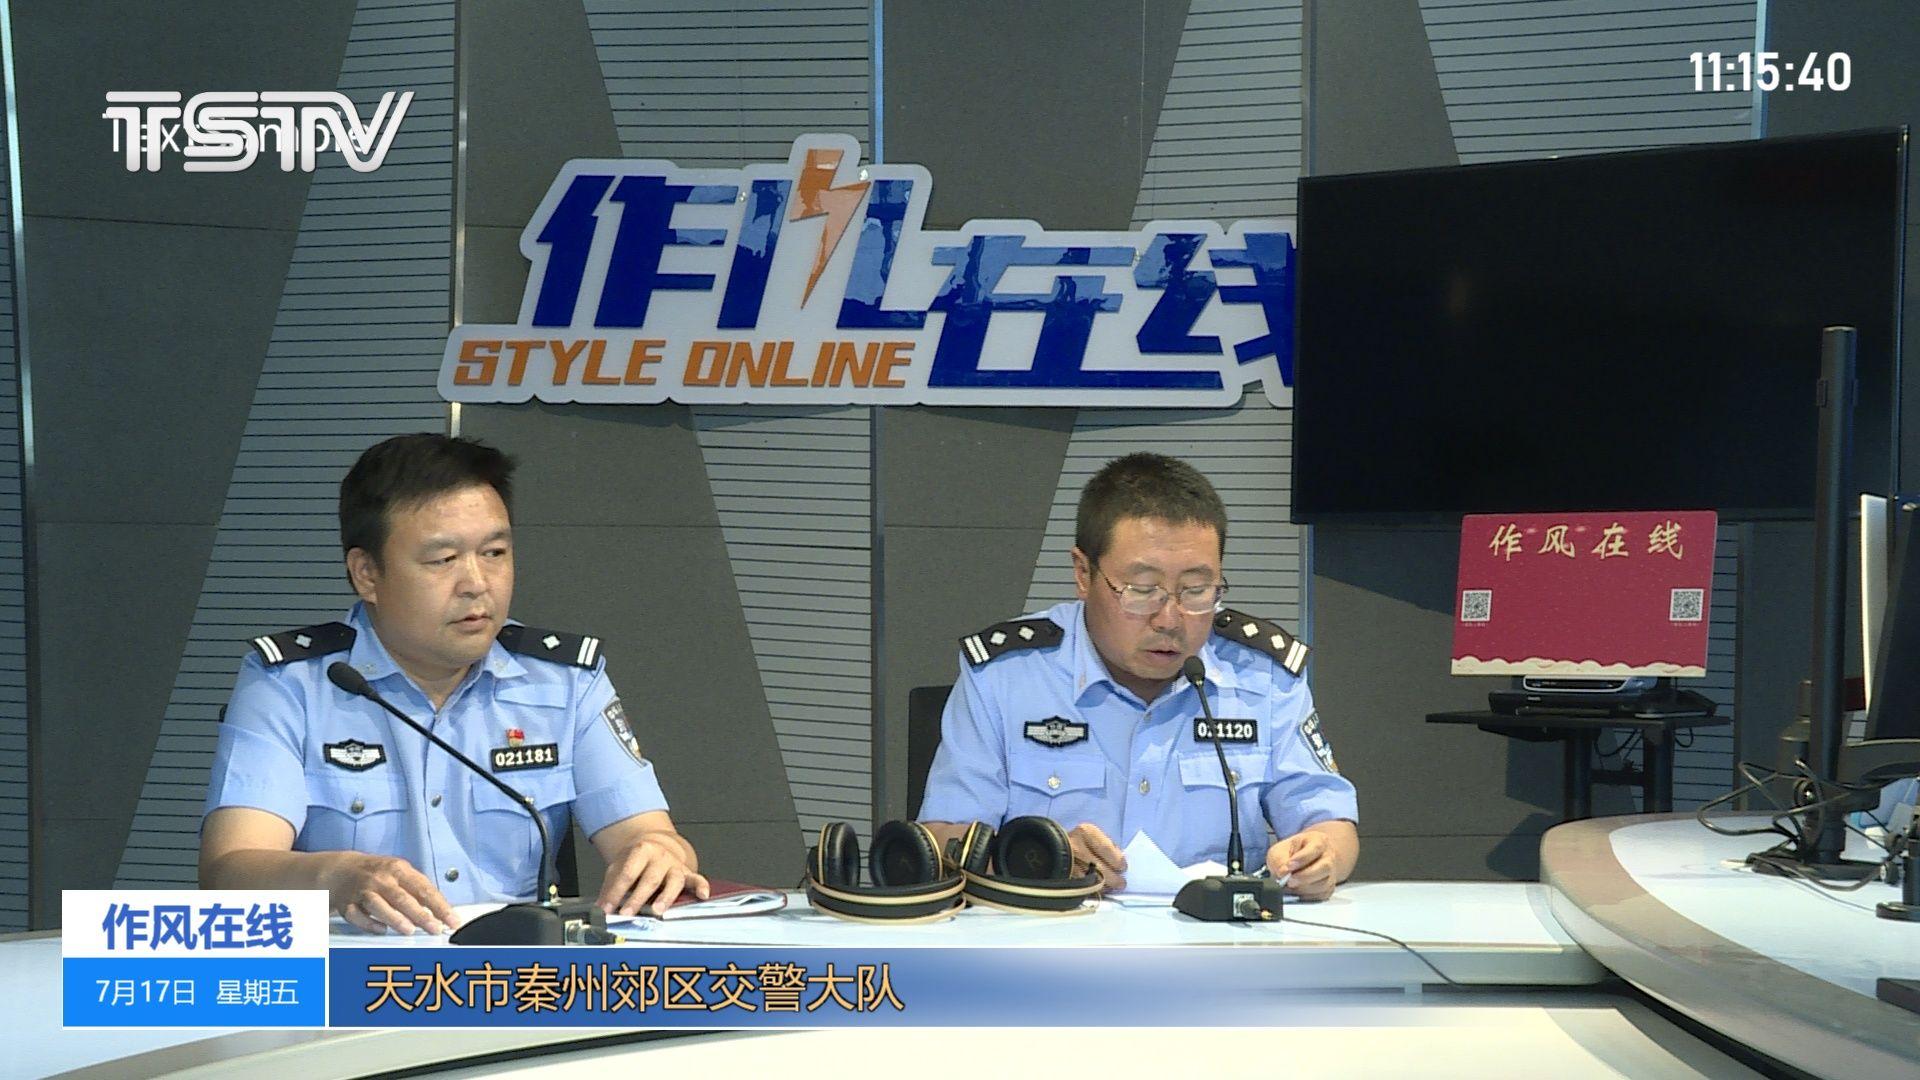 7月17日雷竞技官网下载市秦州郊区交警大队上线